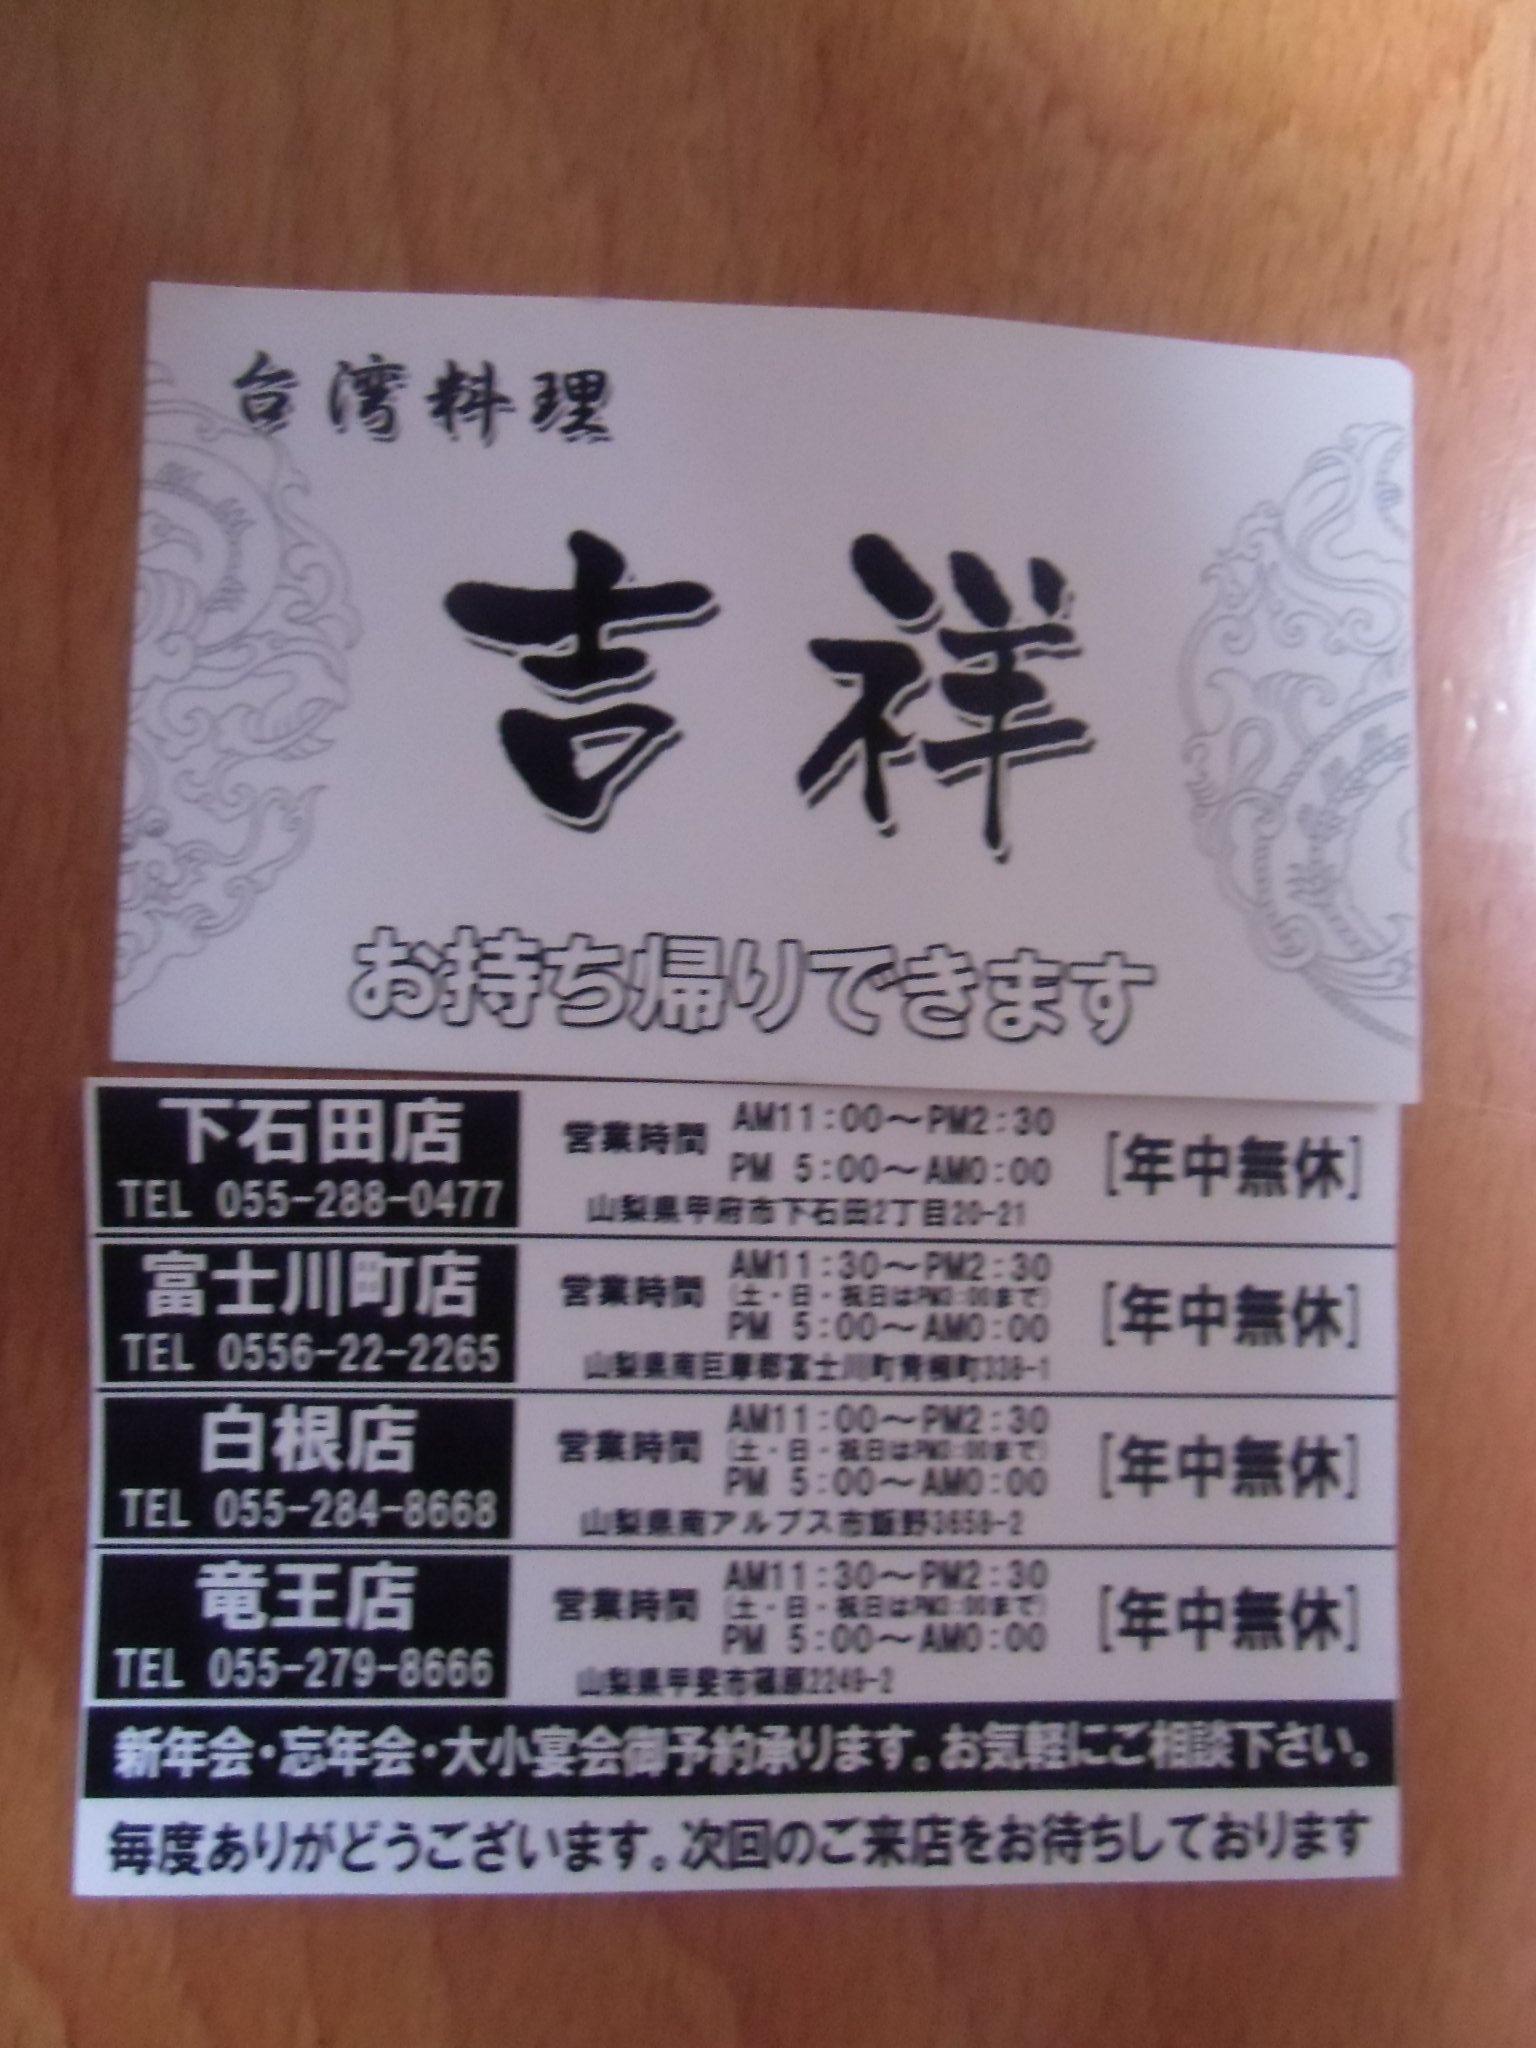 台湾料理 吉祥 竜王店